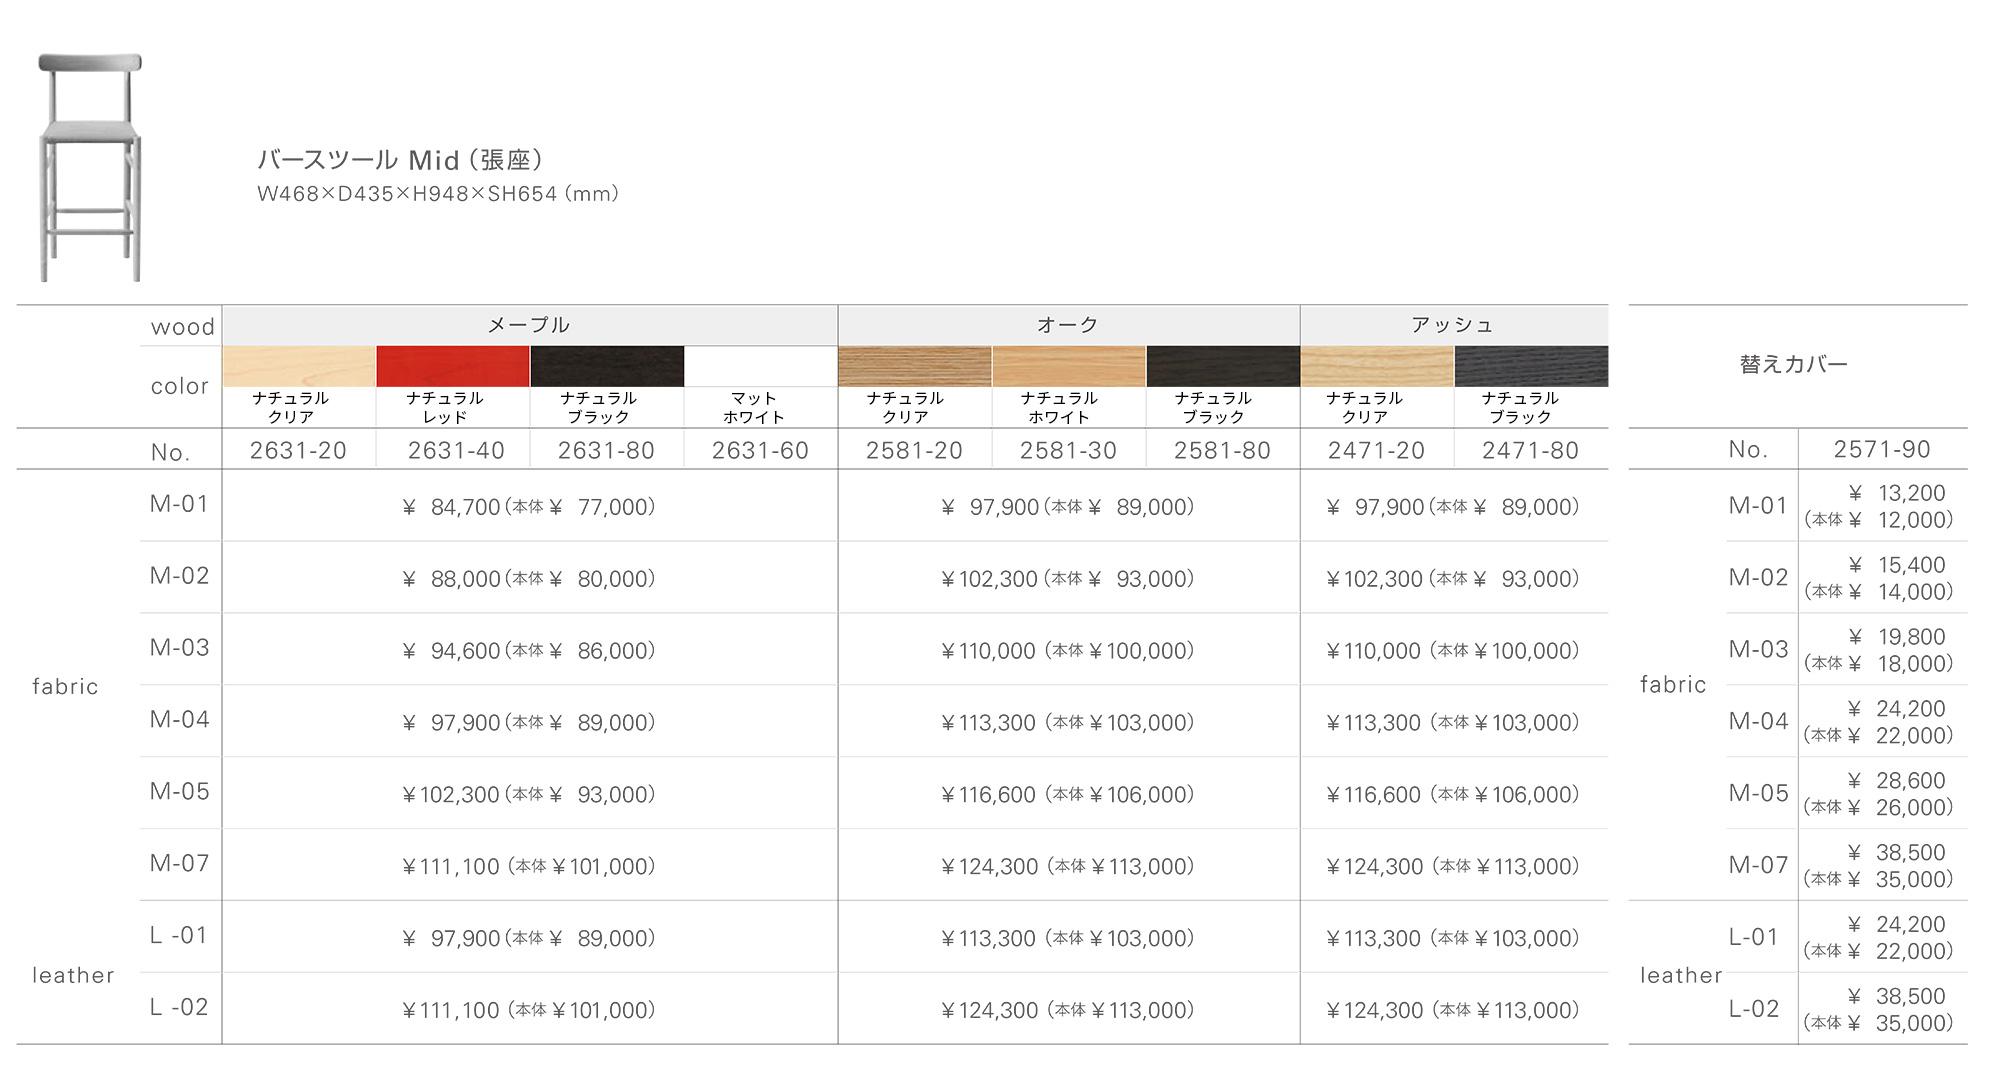 樹種&張地別 価格表